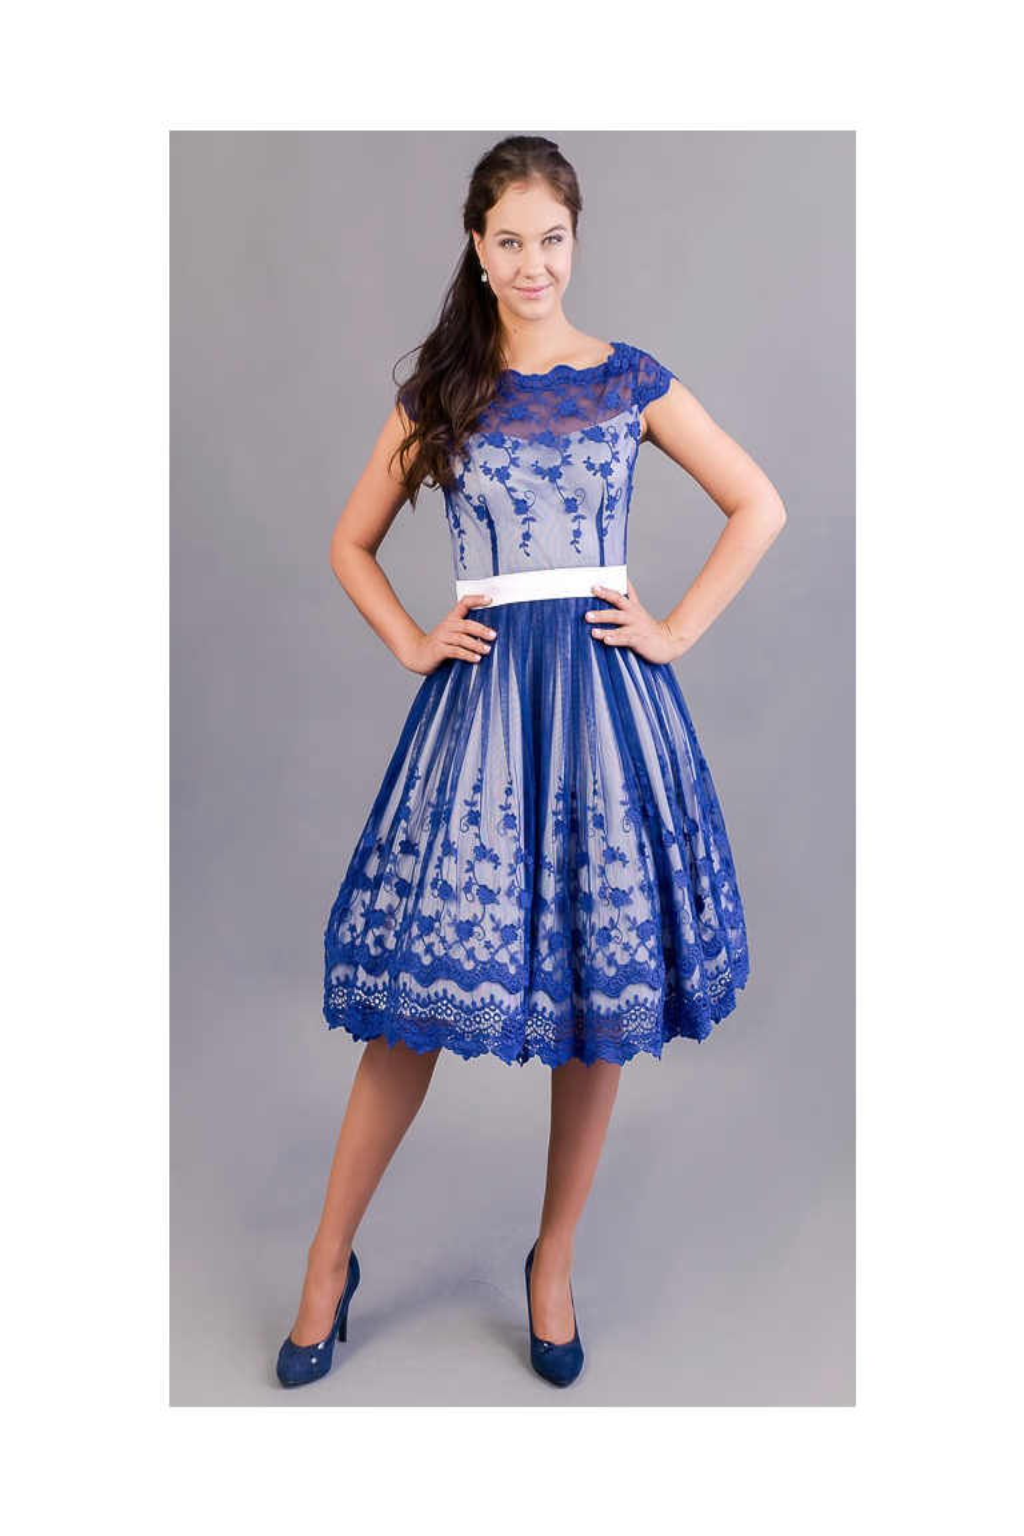 ca3e16be19b originální svatební šaty ušité ze starodávné bavlněné krajky ...